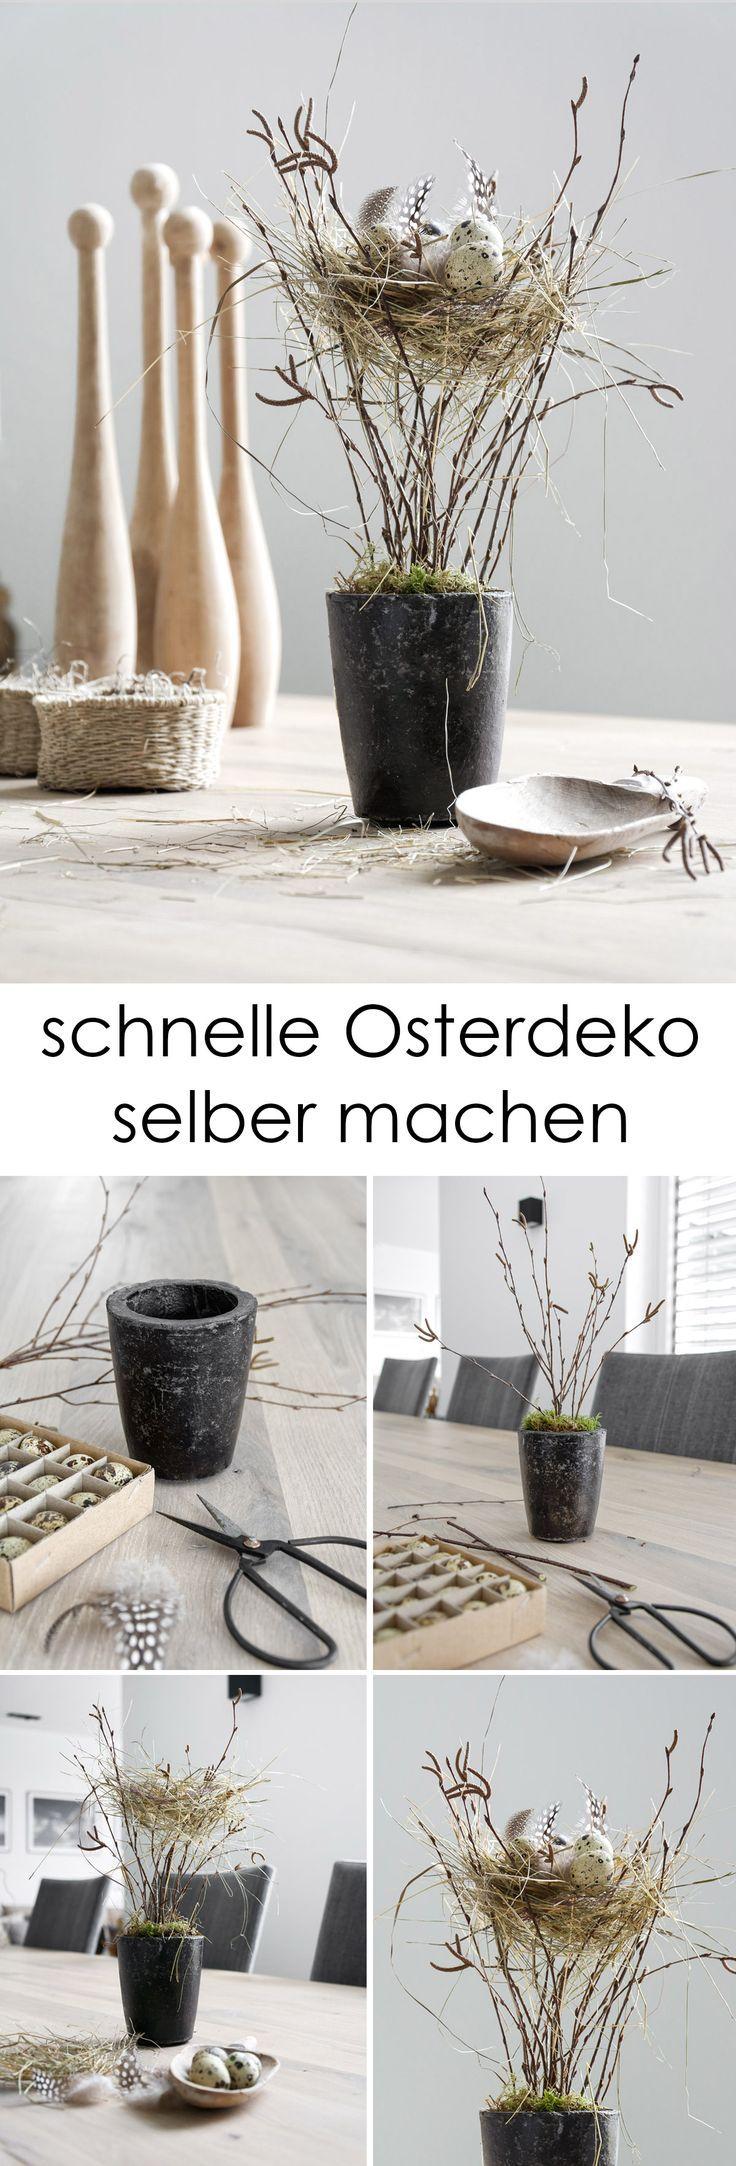 nog steeds een beetje paasdecoratie zelfgenoegzaam? Met een paar restjes heb ik nog …  – Ostern Rezepte und DIY Ideen